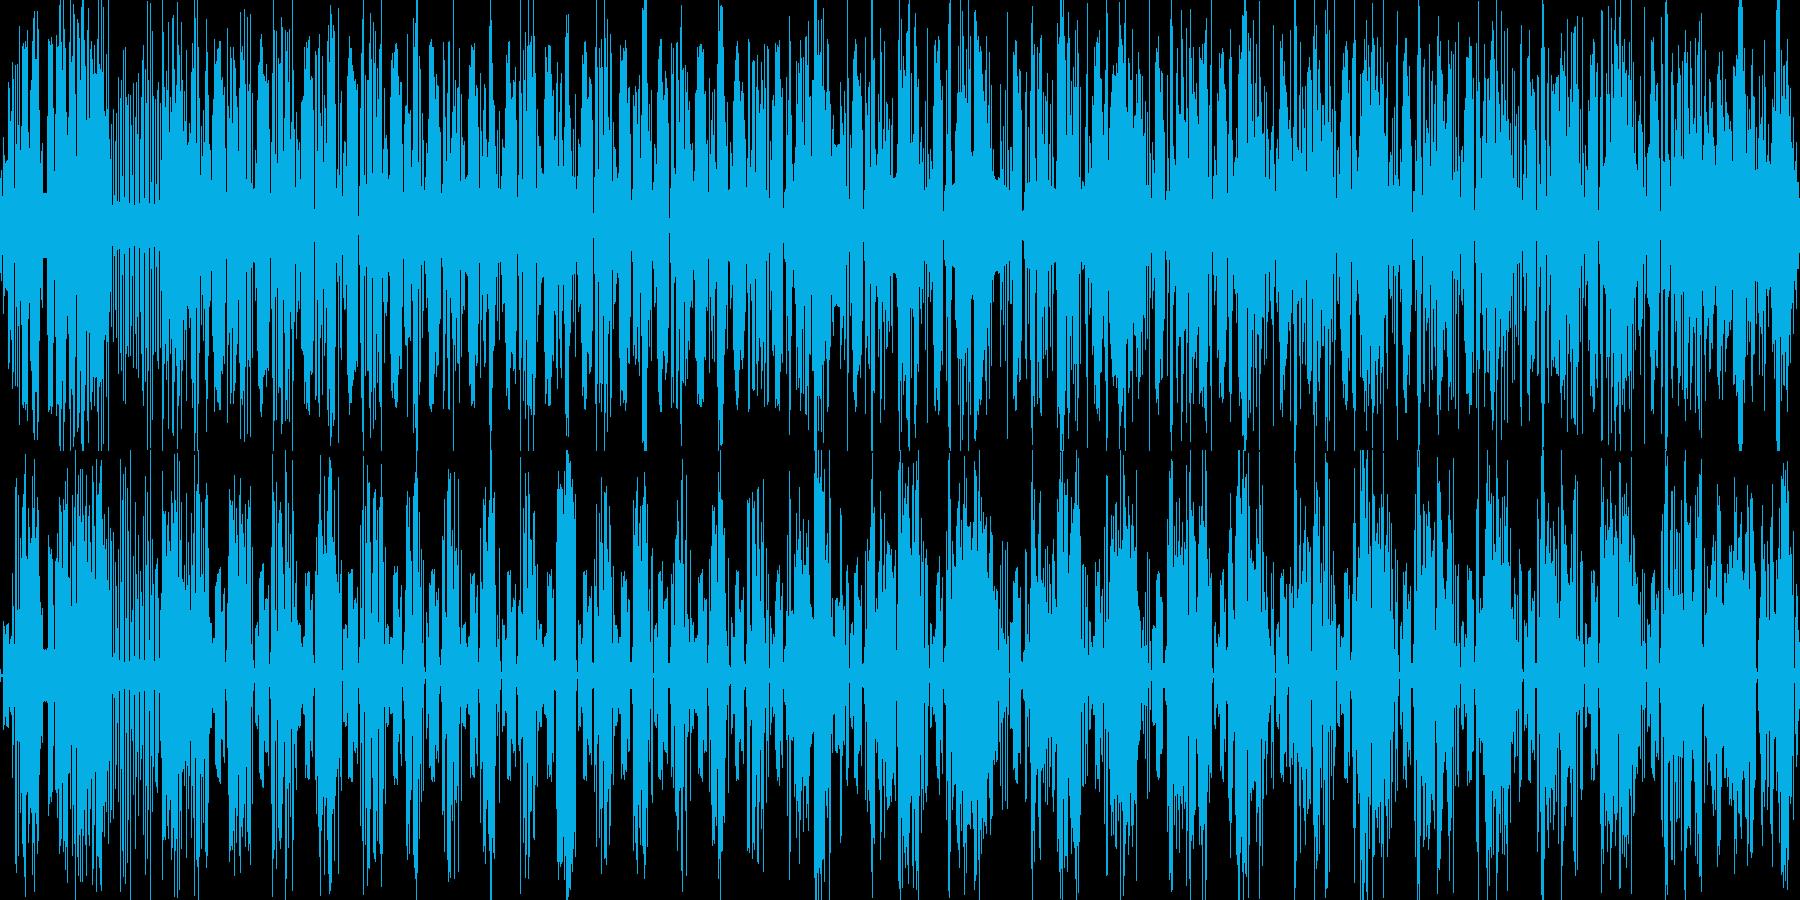 ギュイーン(発射音など)の再生済みの波形